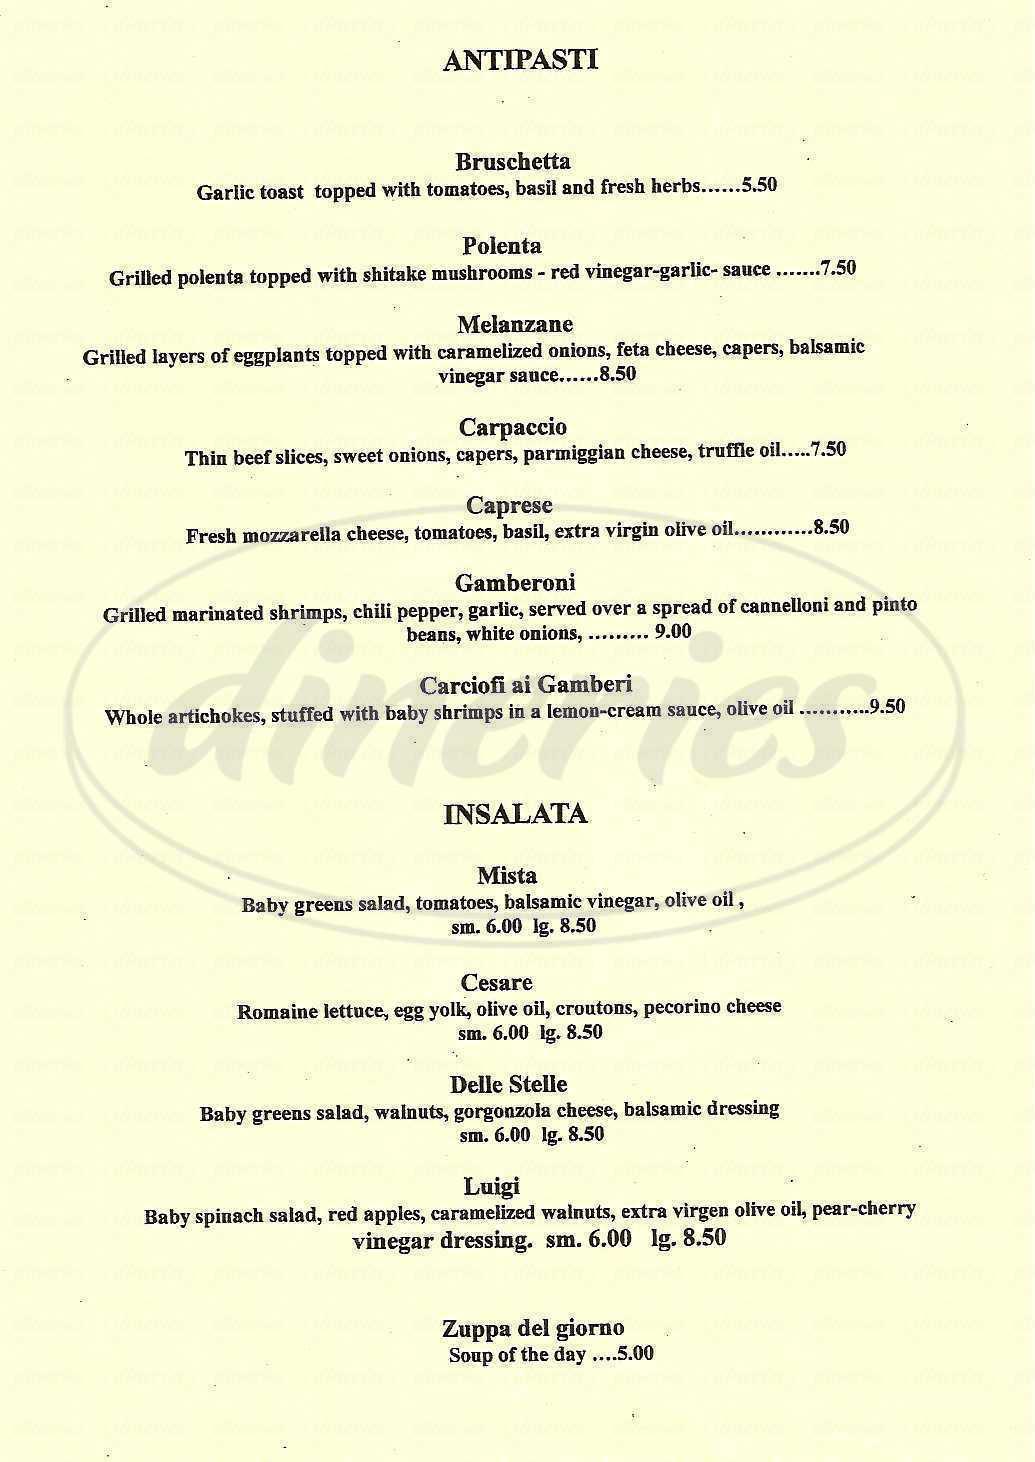 menu for Caffé Delle Stelle